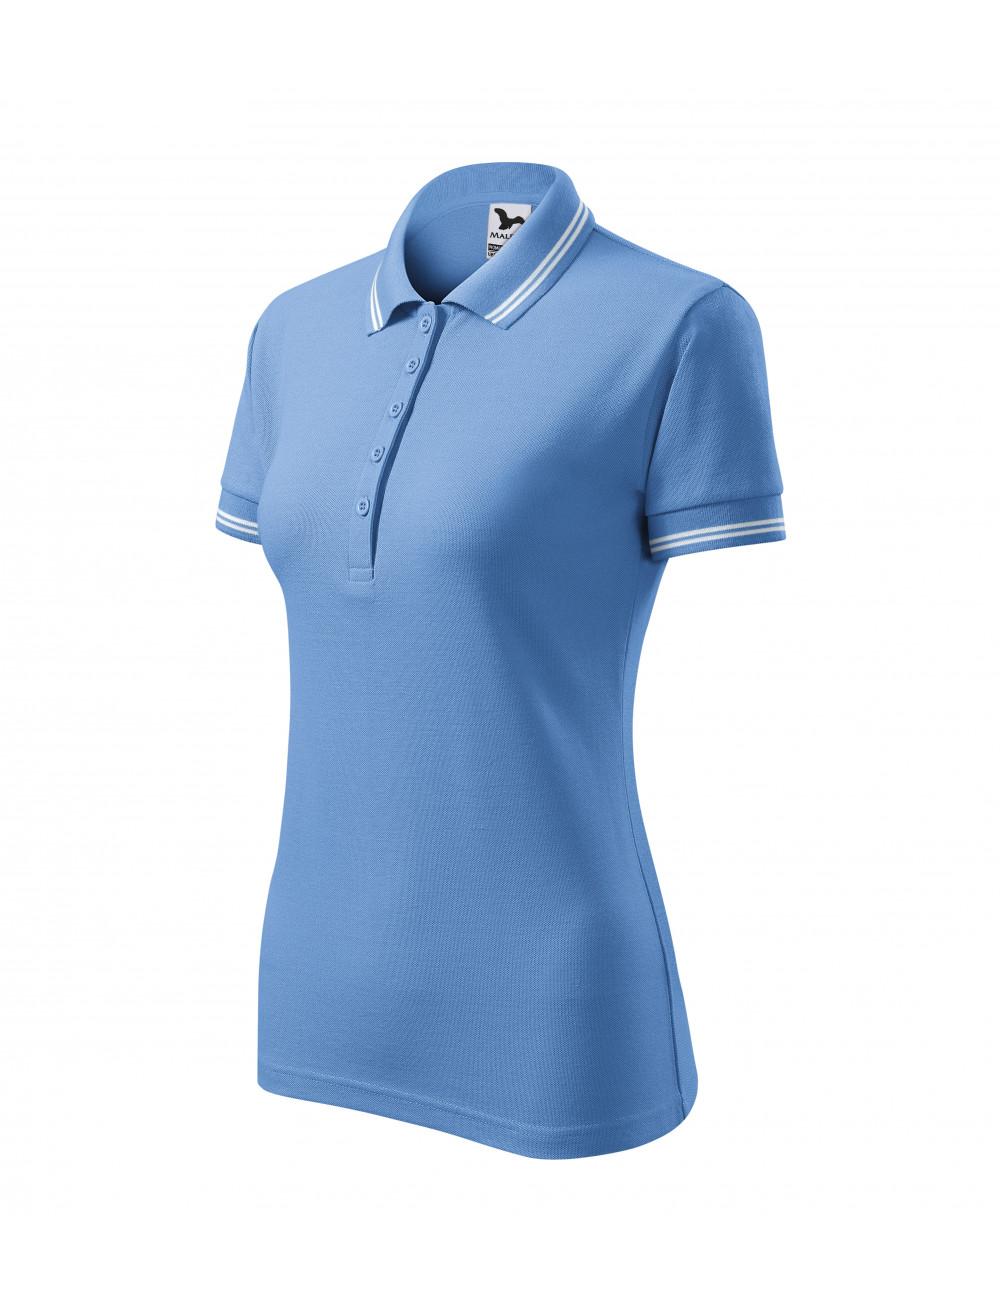 Adler MALFINI Koszulka polo damska Urban 220 błękitny